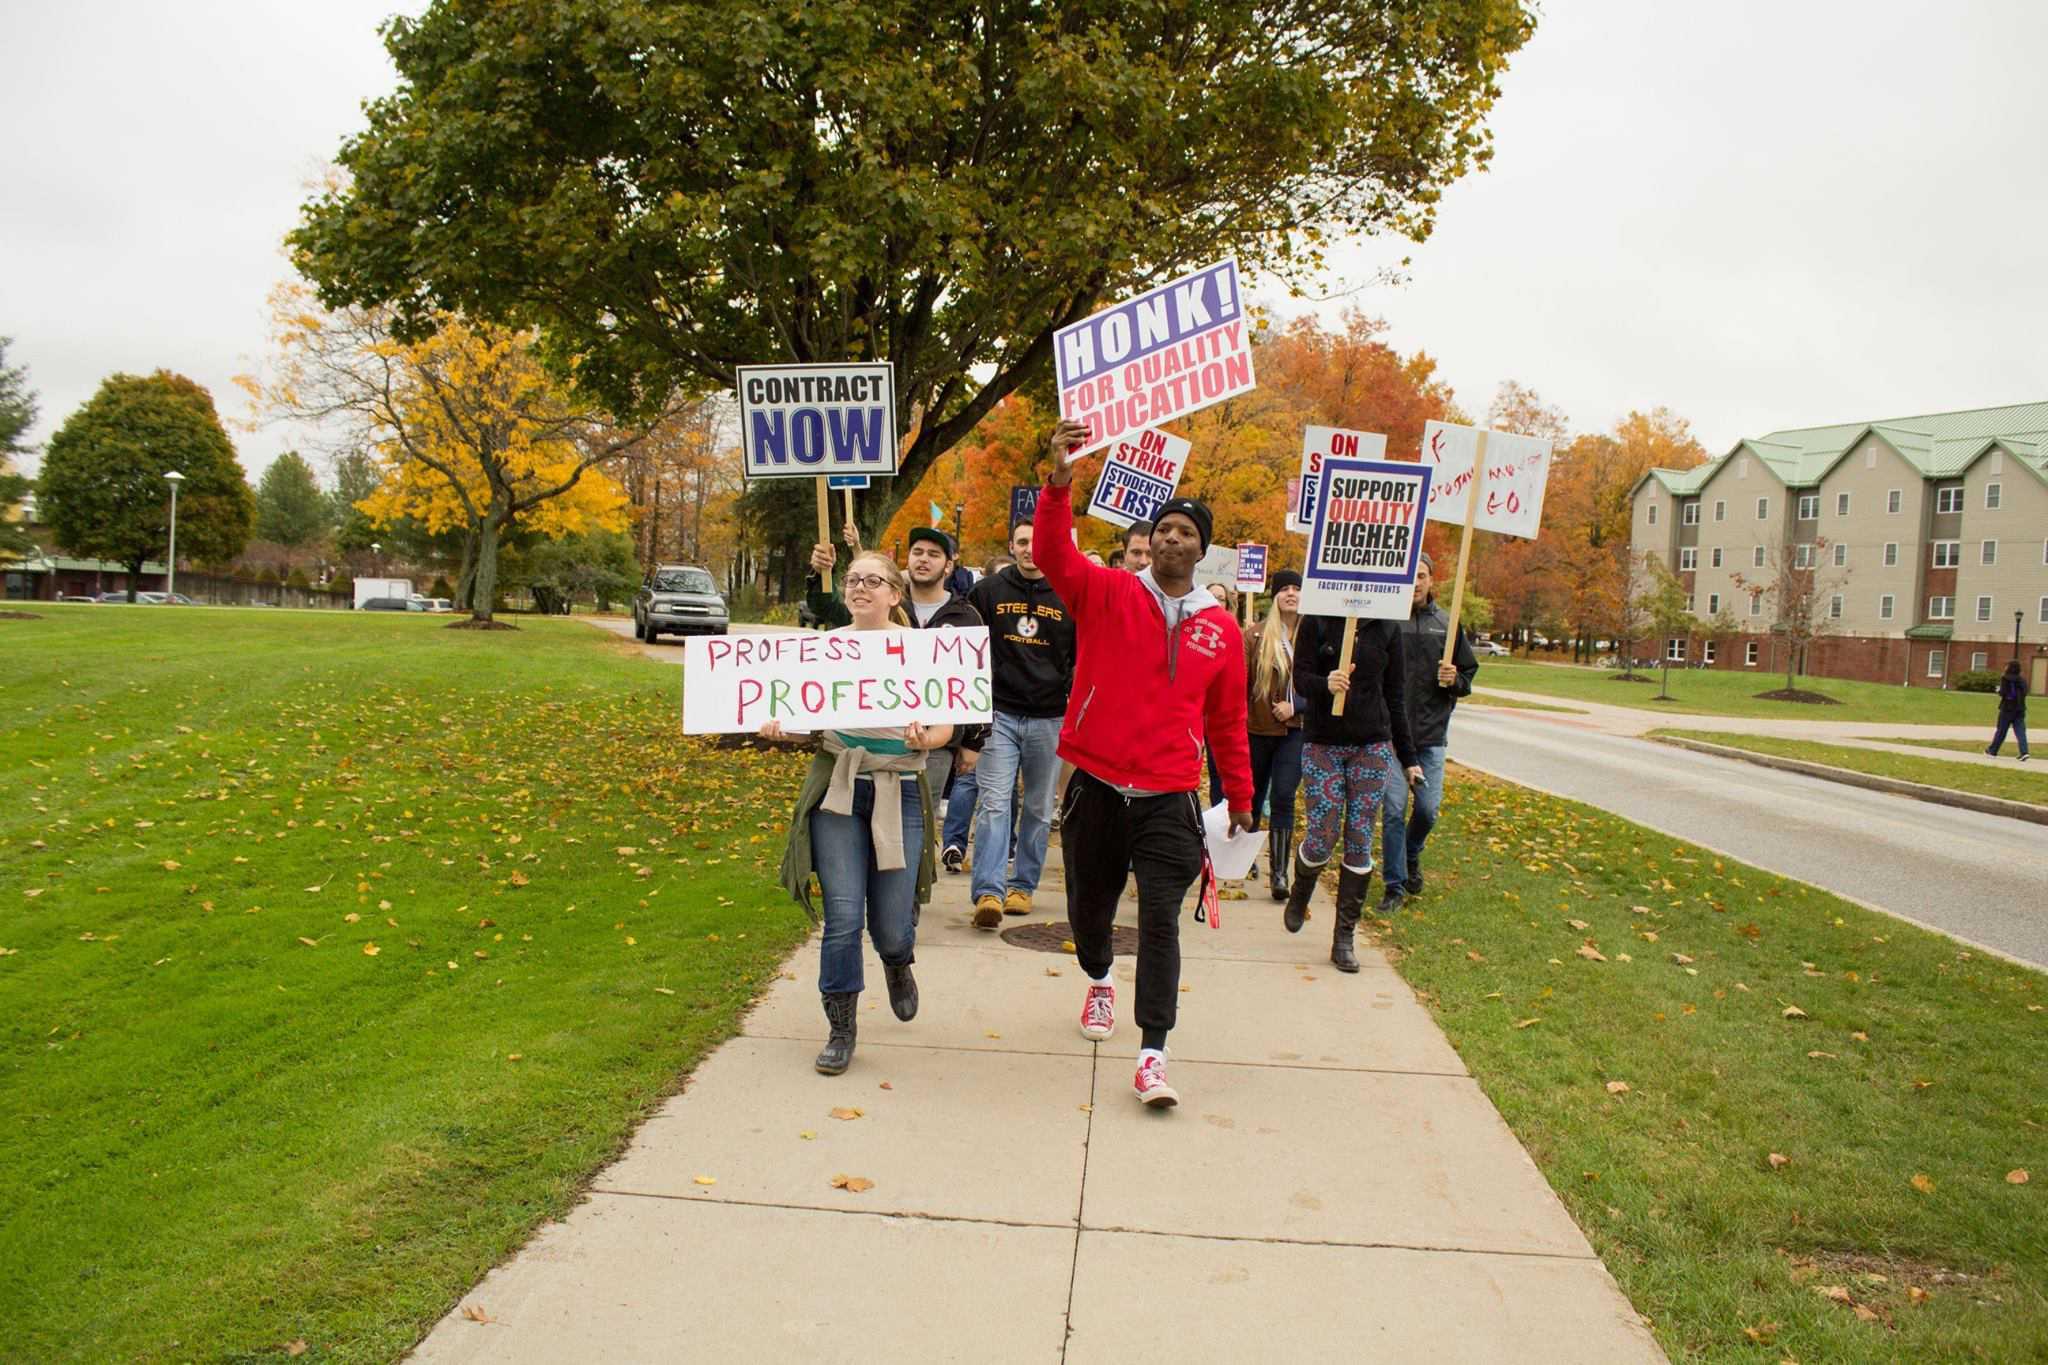 Schools settle strike